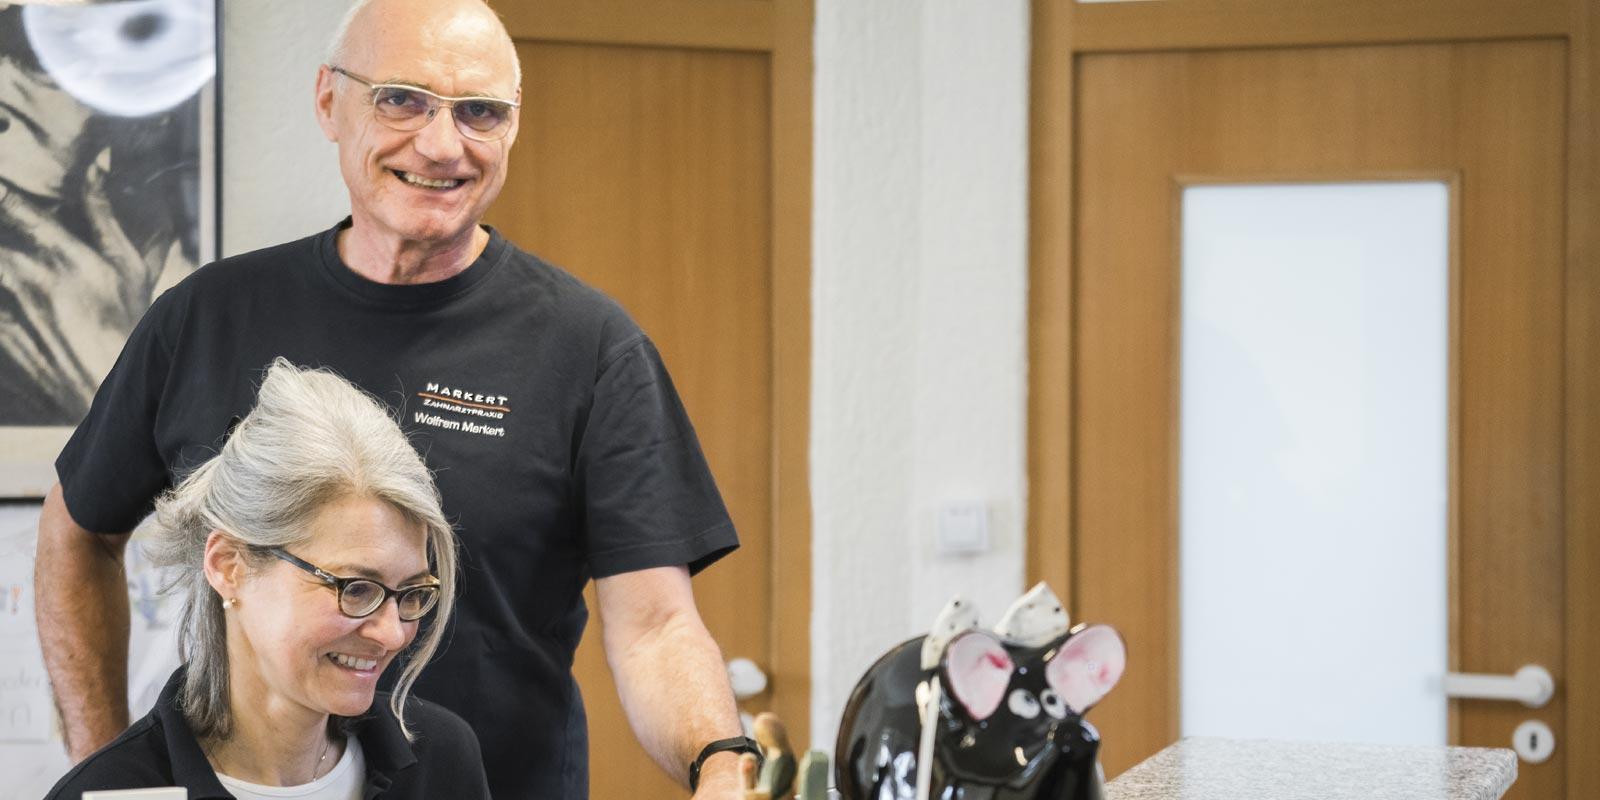 Zahnarzt W. Markert und Zahnarzthelferin Frau Horn sind am Tresen der Praxis, beide sind Brillenträger, tragen dunkelblaue Shirts mit Praxislogo und lächeln